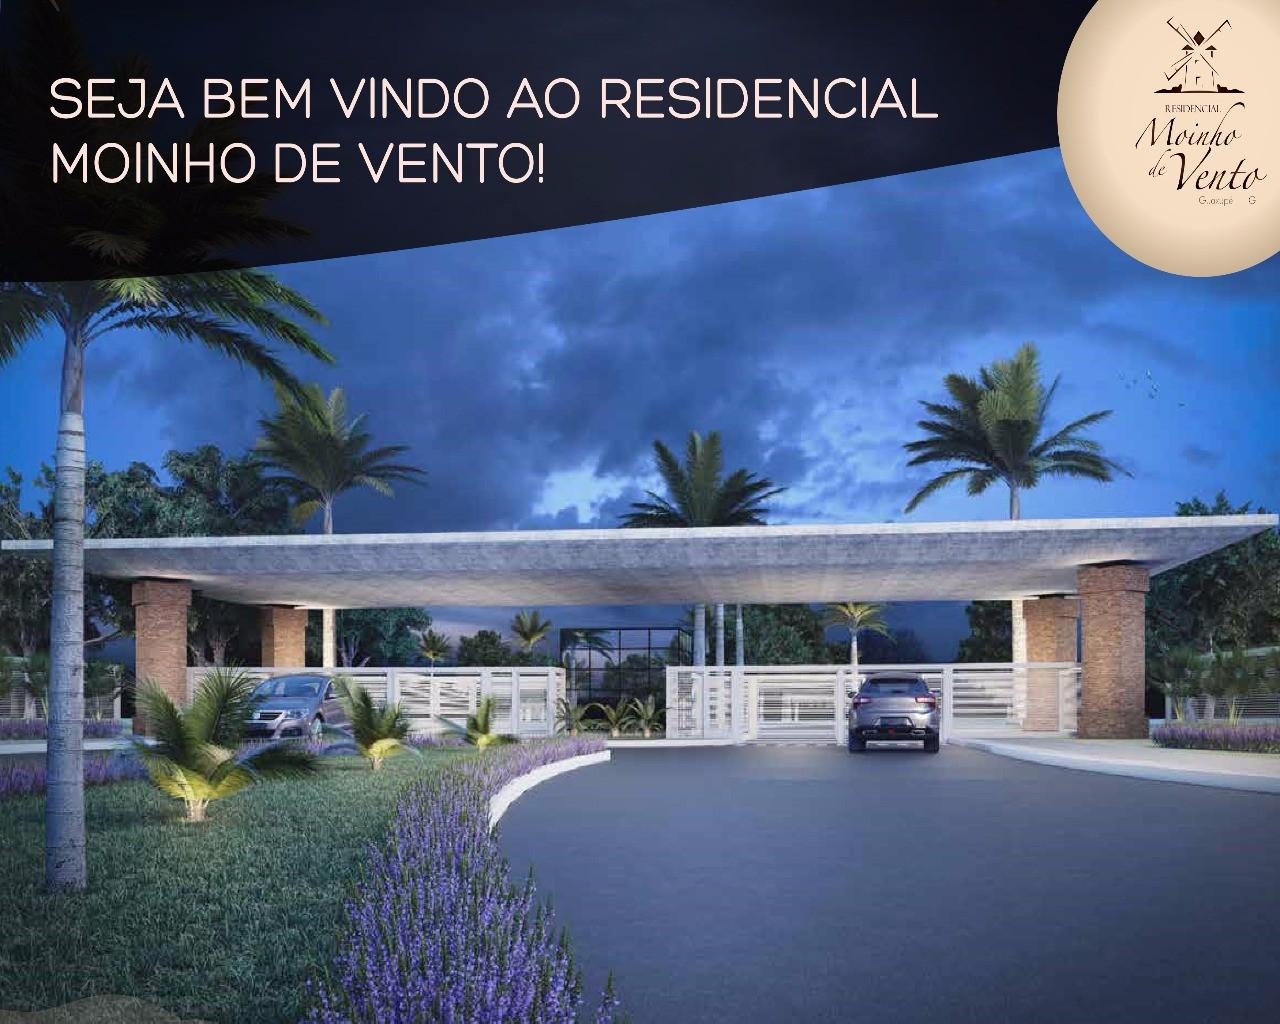 comprar ou alugar terreno no bairro residencial moinho de vento na cidade de guaxupé-mg